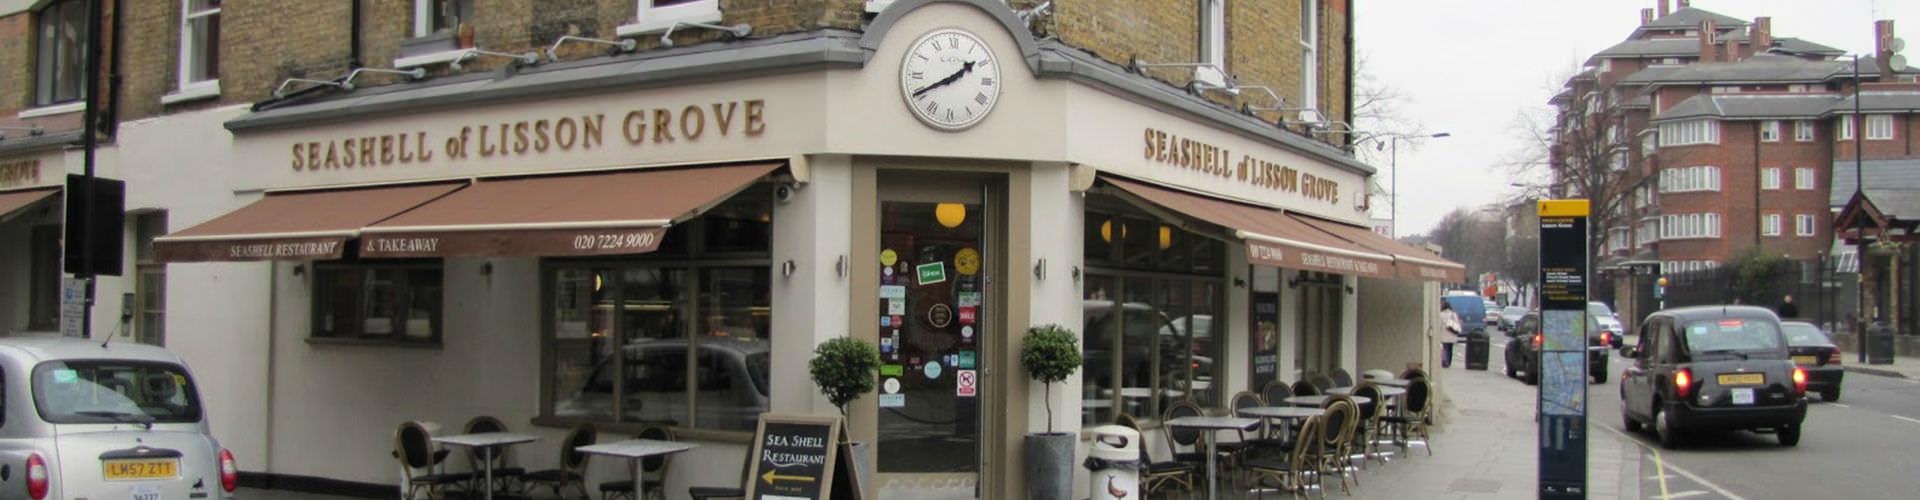 Londres - Albergues Juveniles en el distrito Lisson Grove . Mapas de Londres, Fotos y Comentarios para cada Albergue Juvenil en Londres.